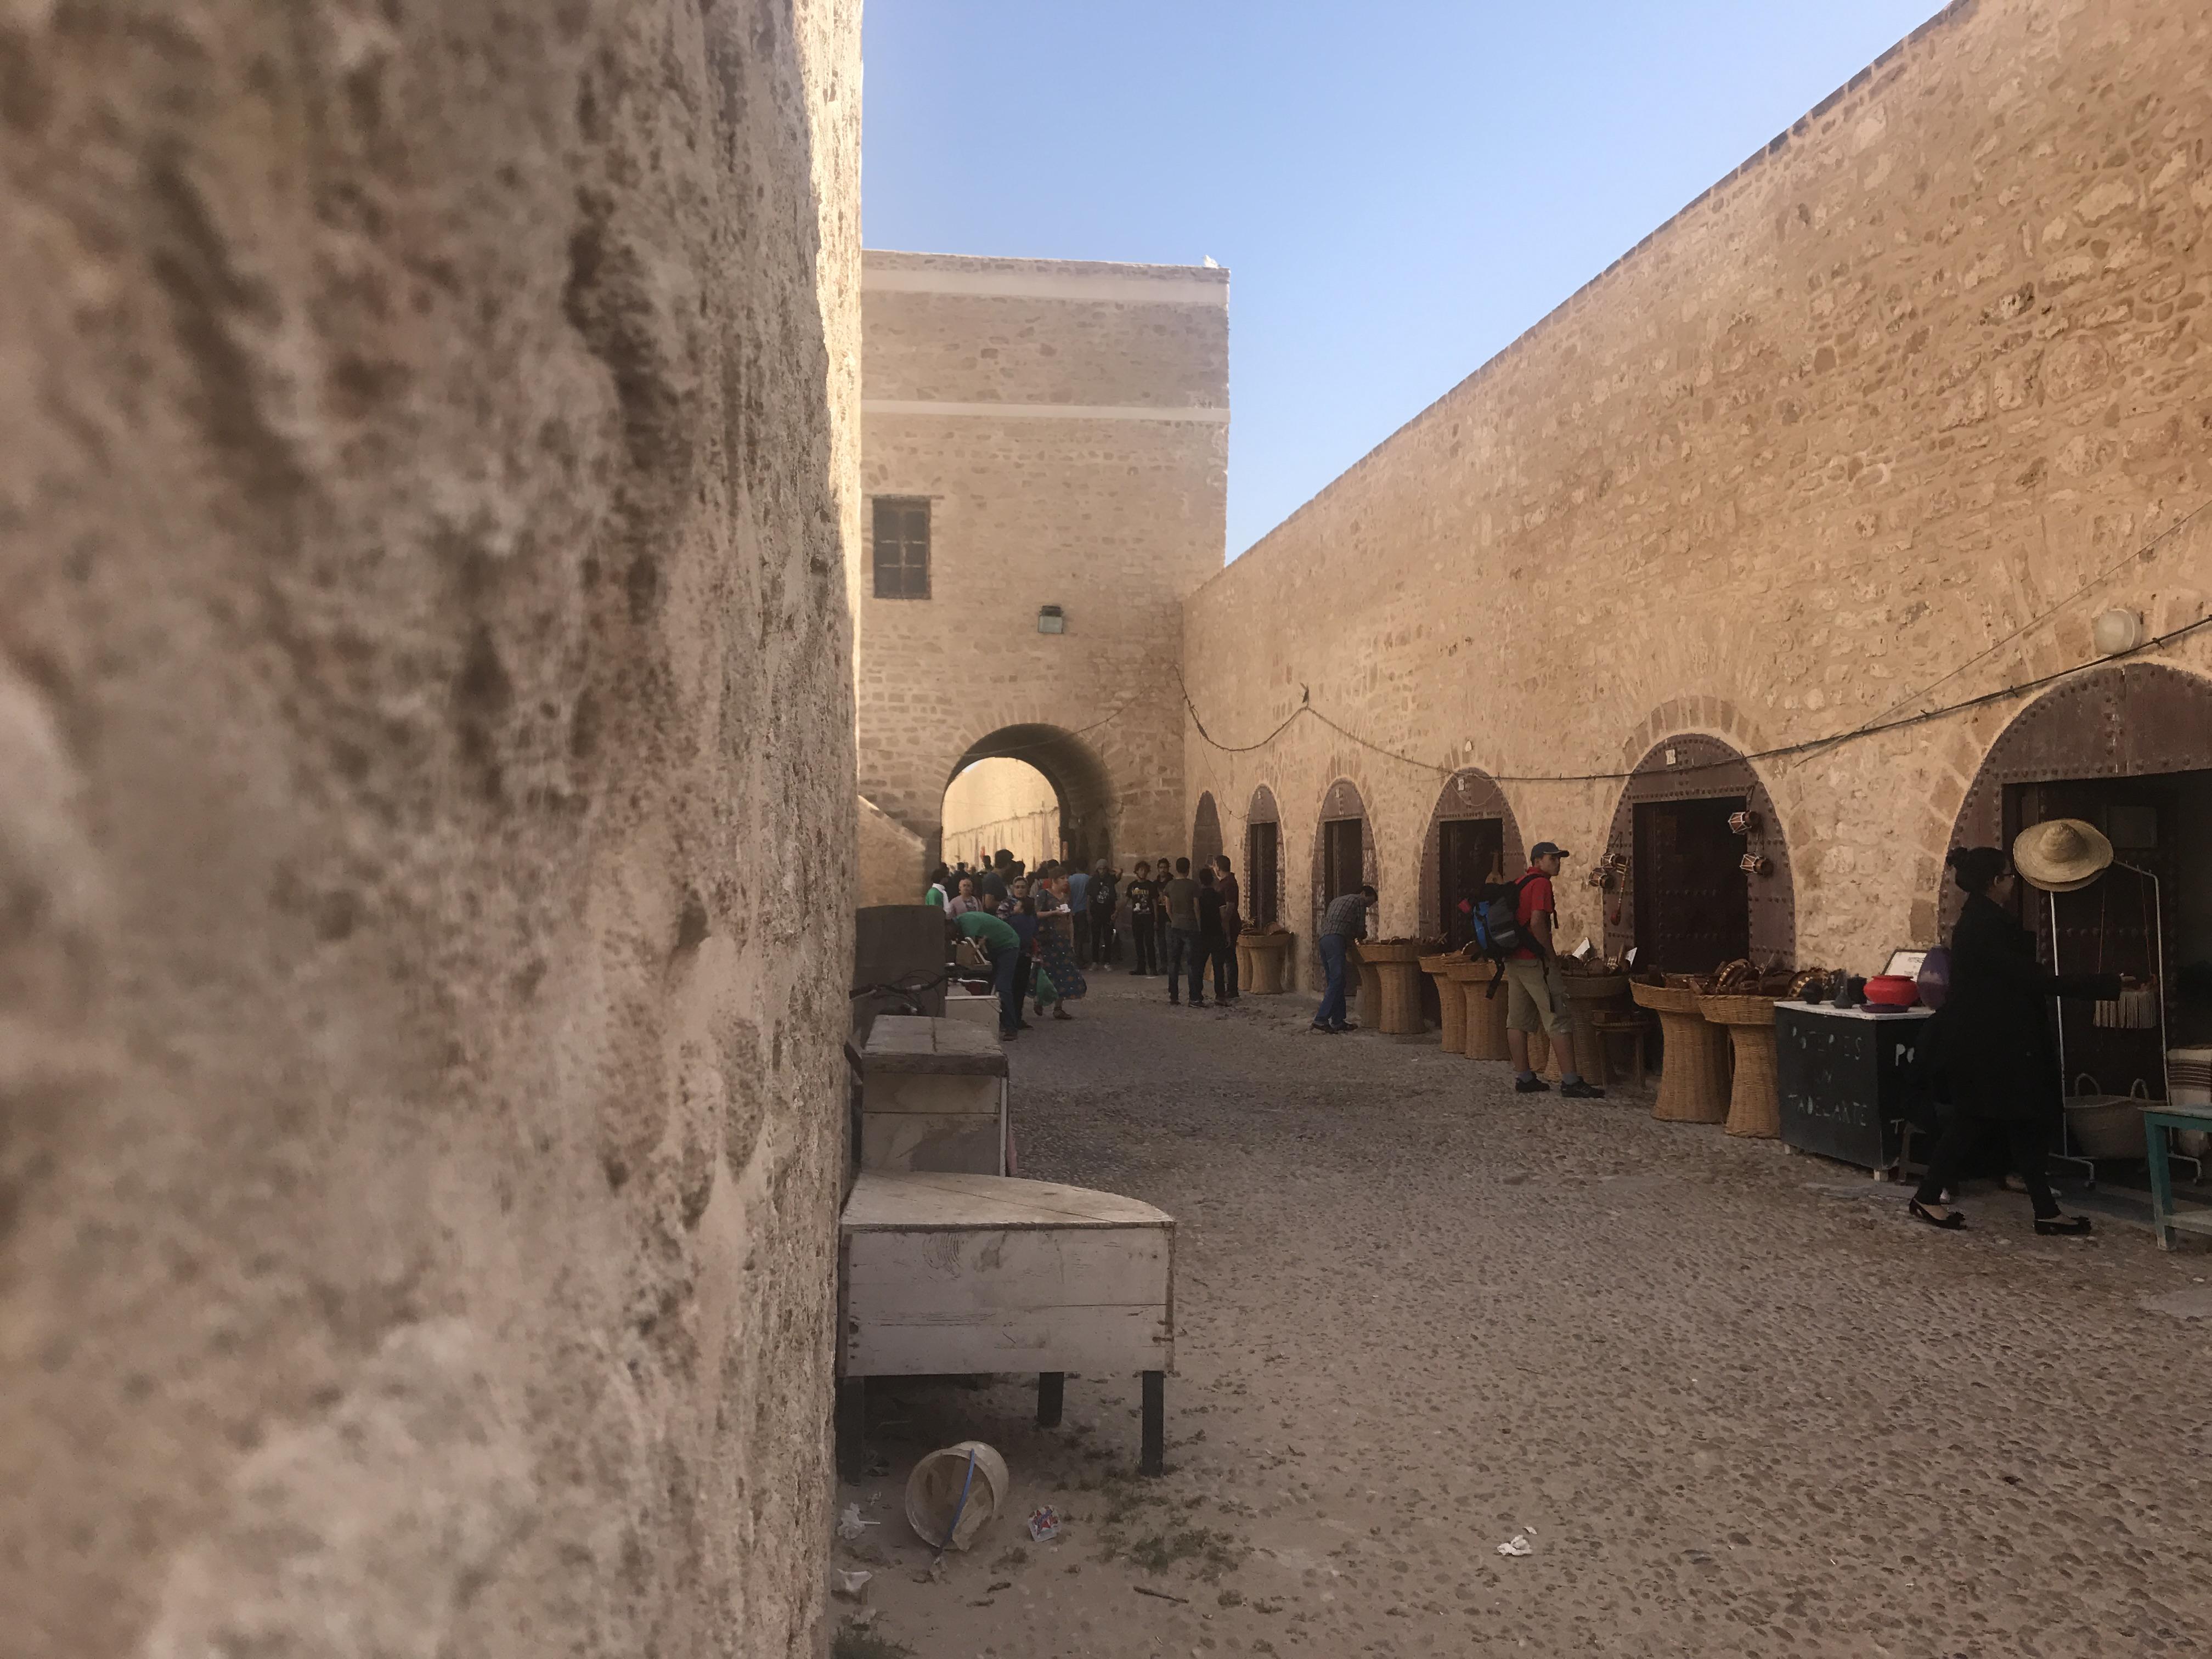 أسوار المدينة القديمة